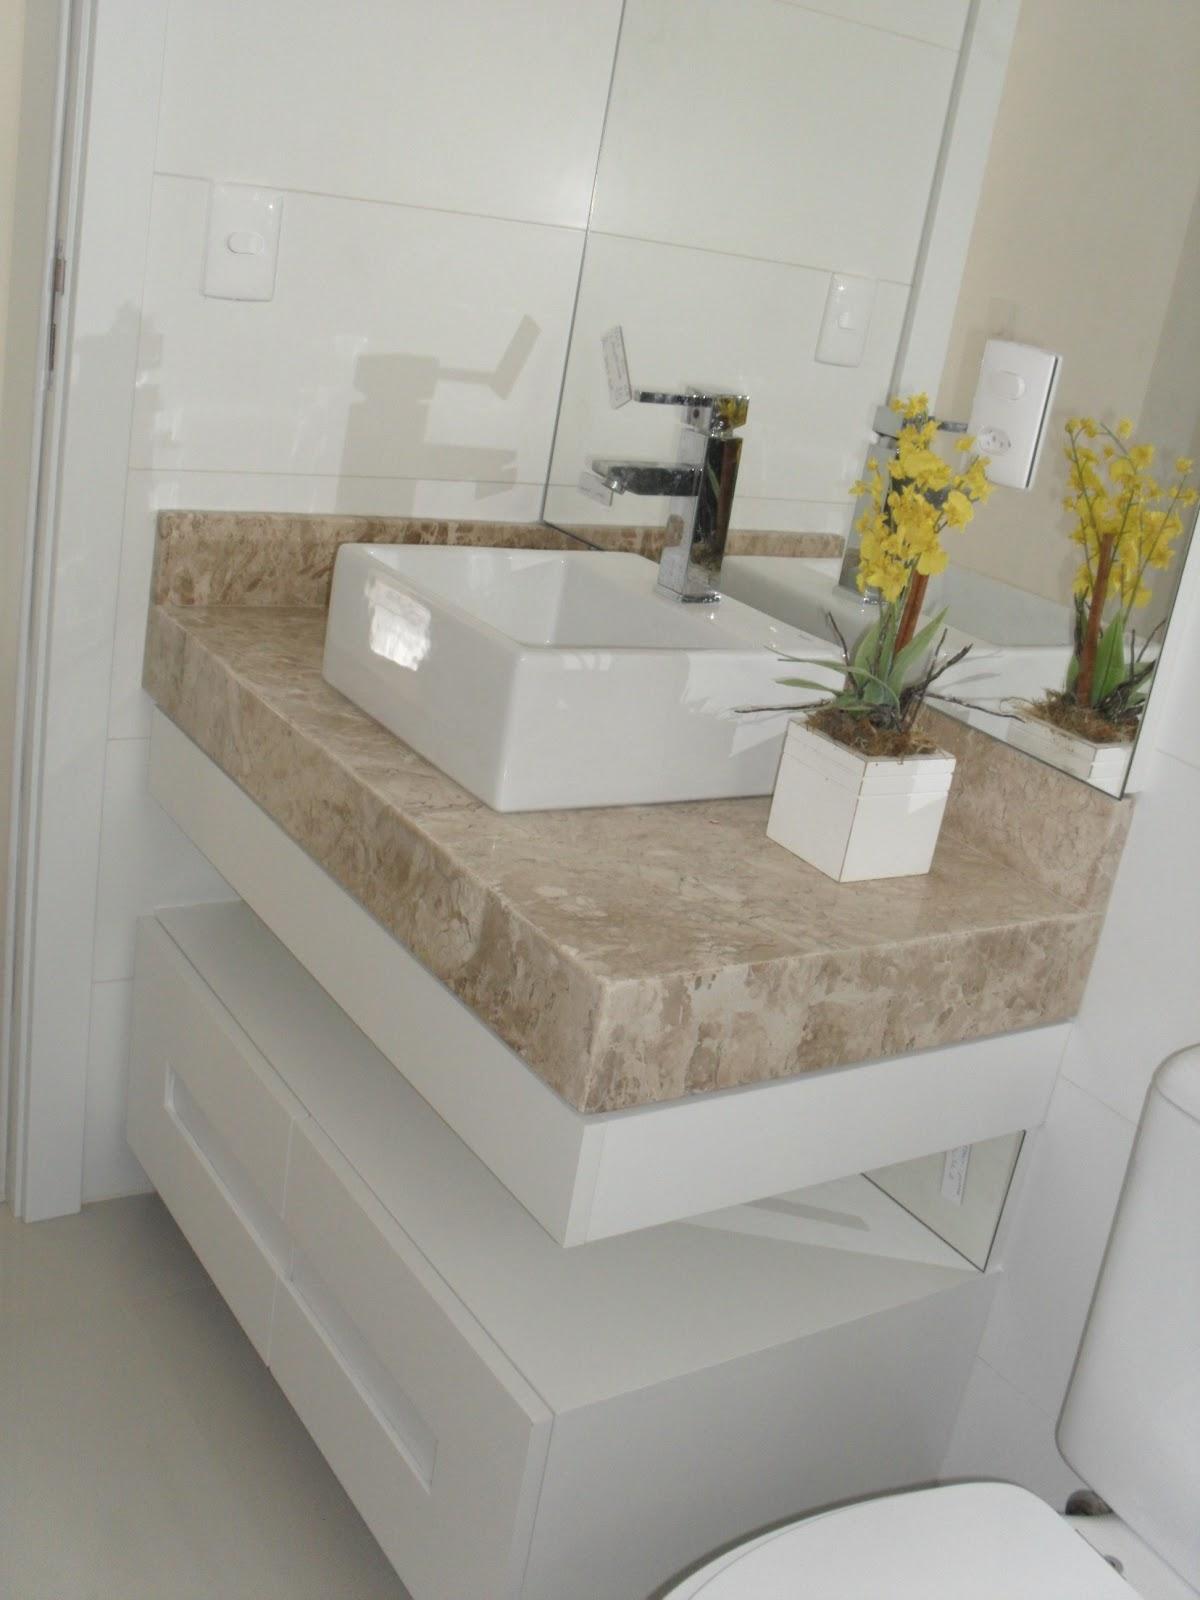 feito por arquiteto: projeto de móveis para banheiro #958536 1200 1600